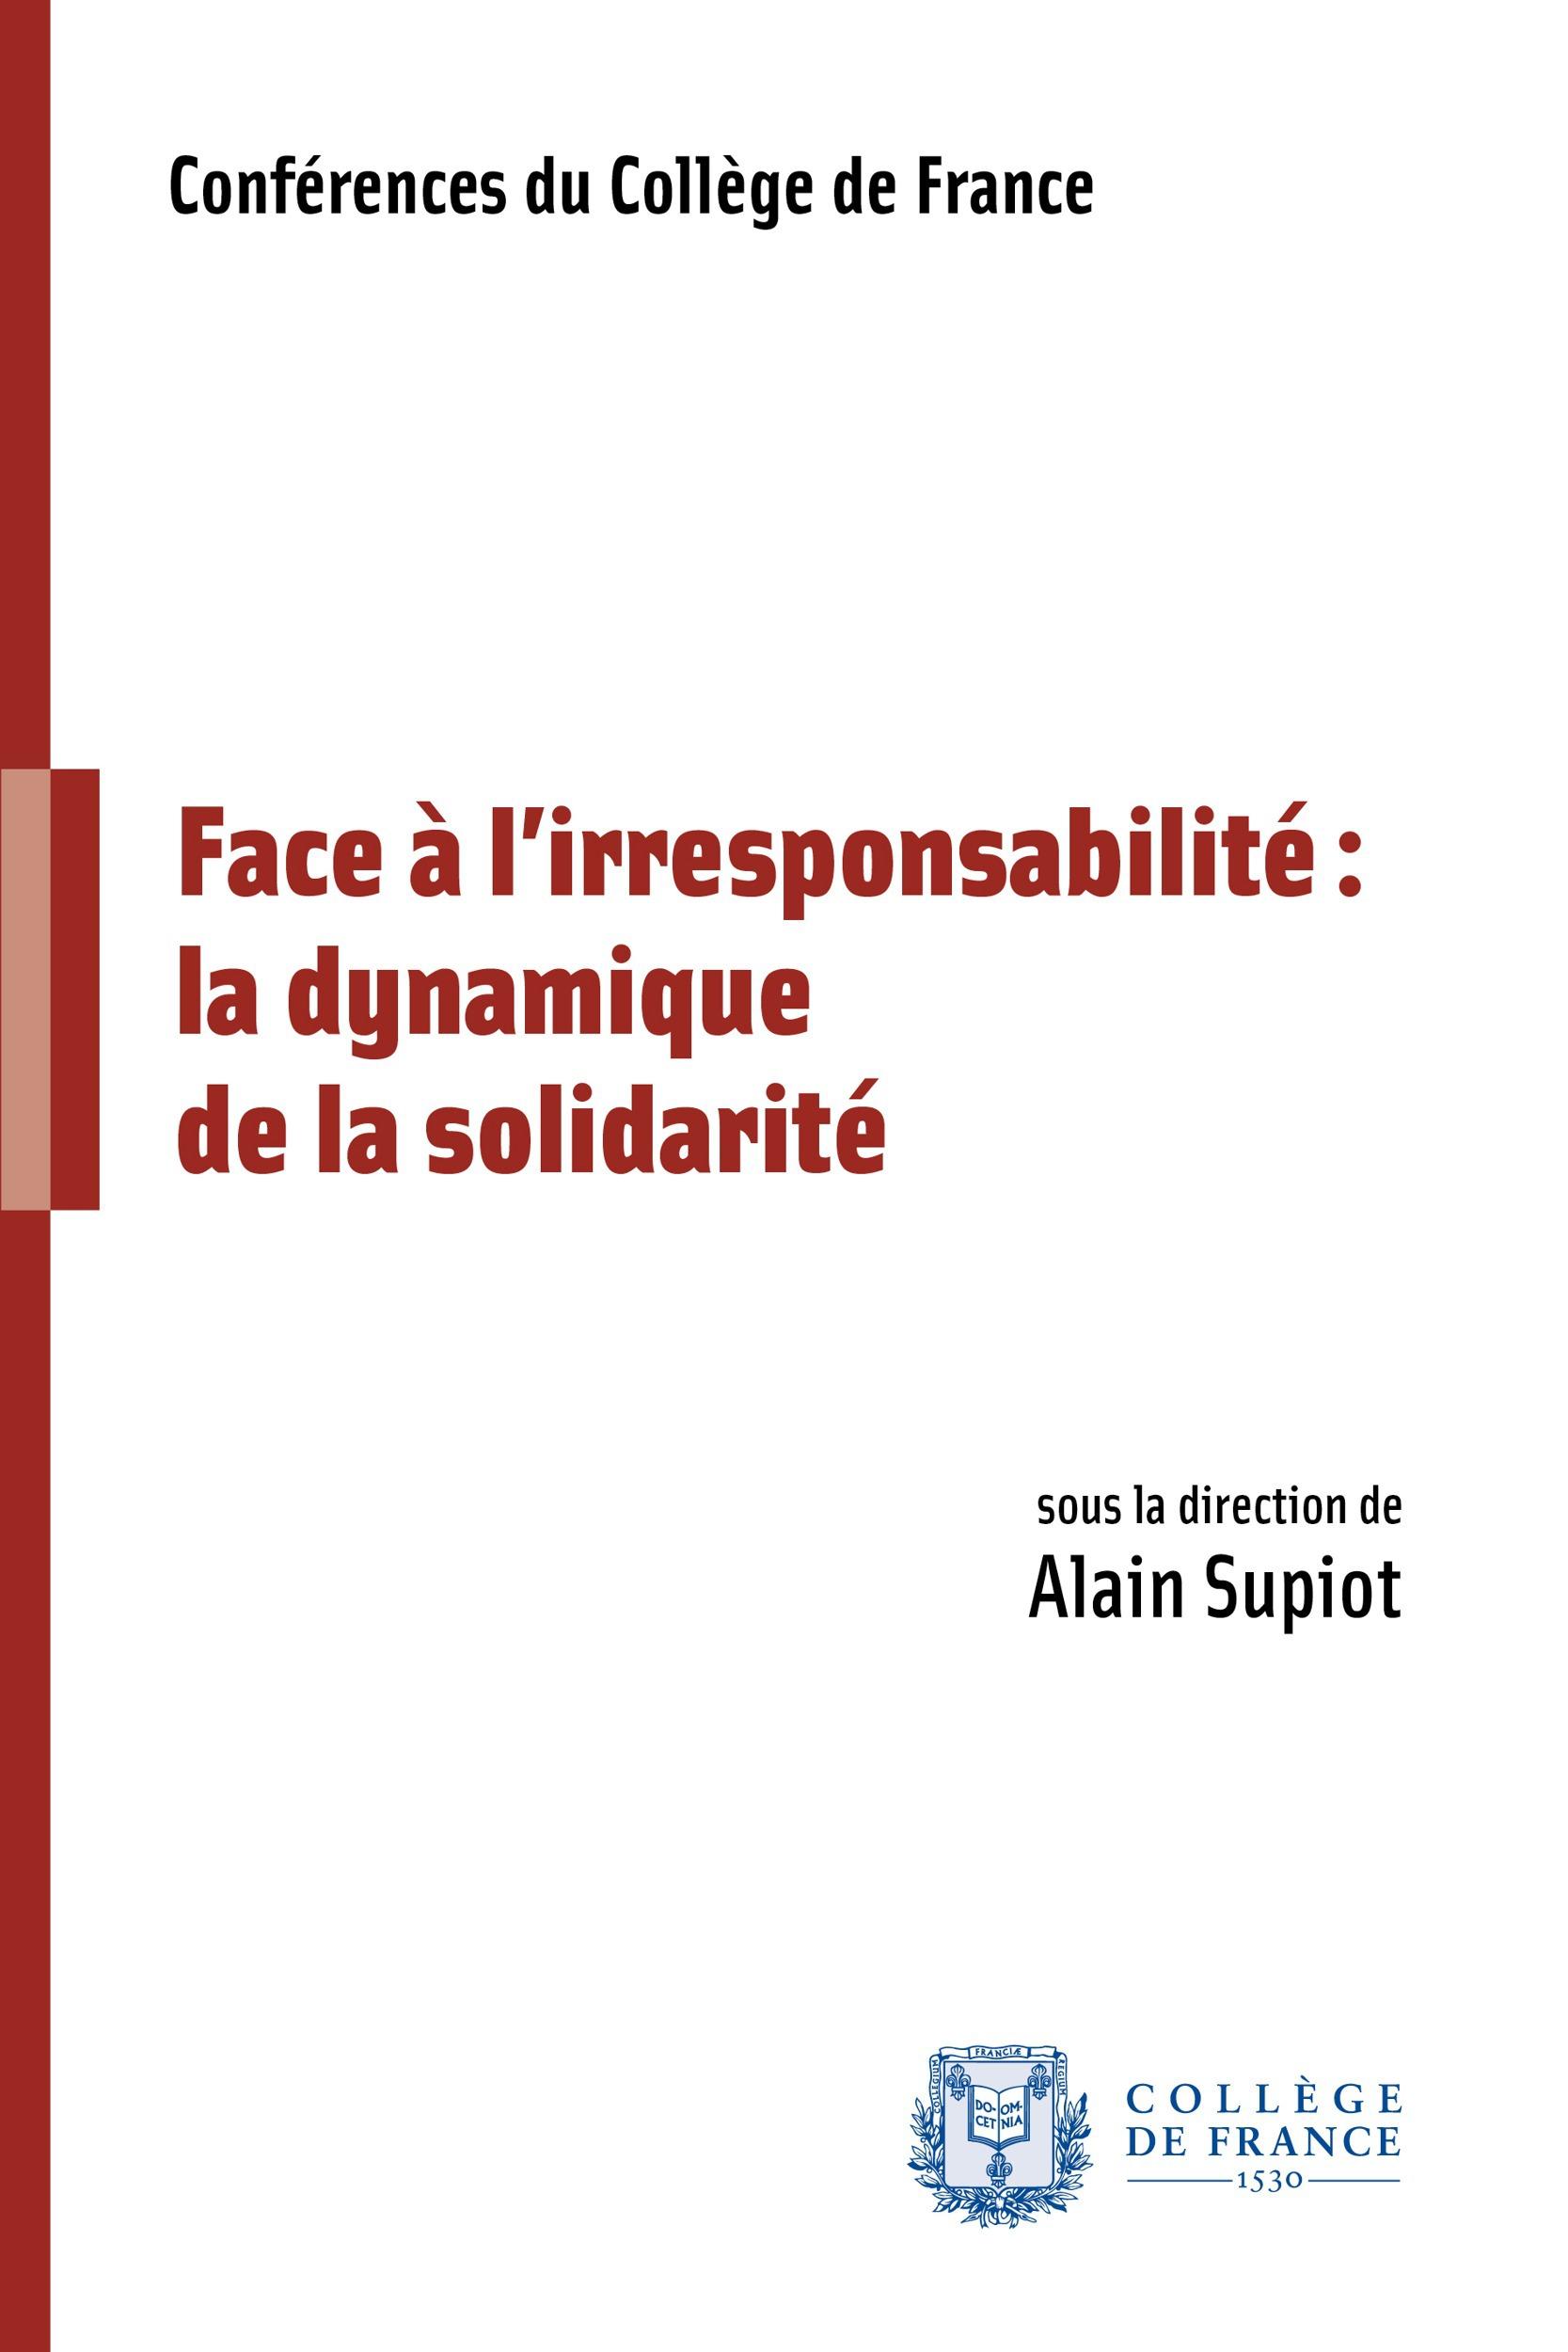 Face a l'irresponsabilite, la dynamique de la solidarite